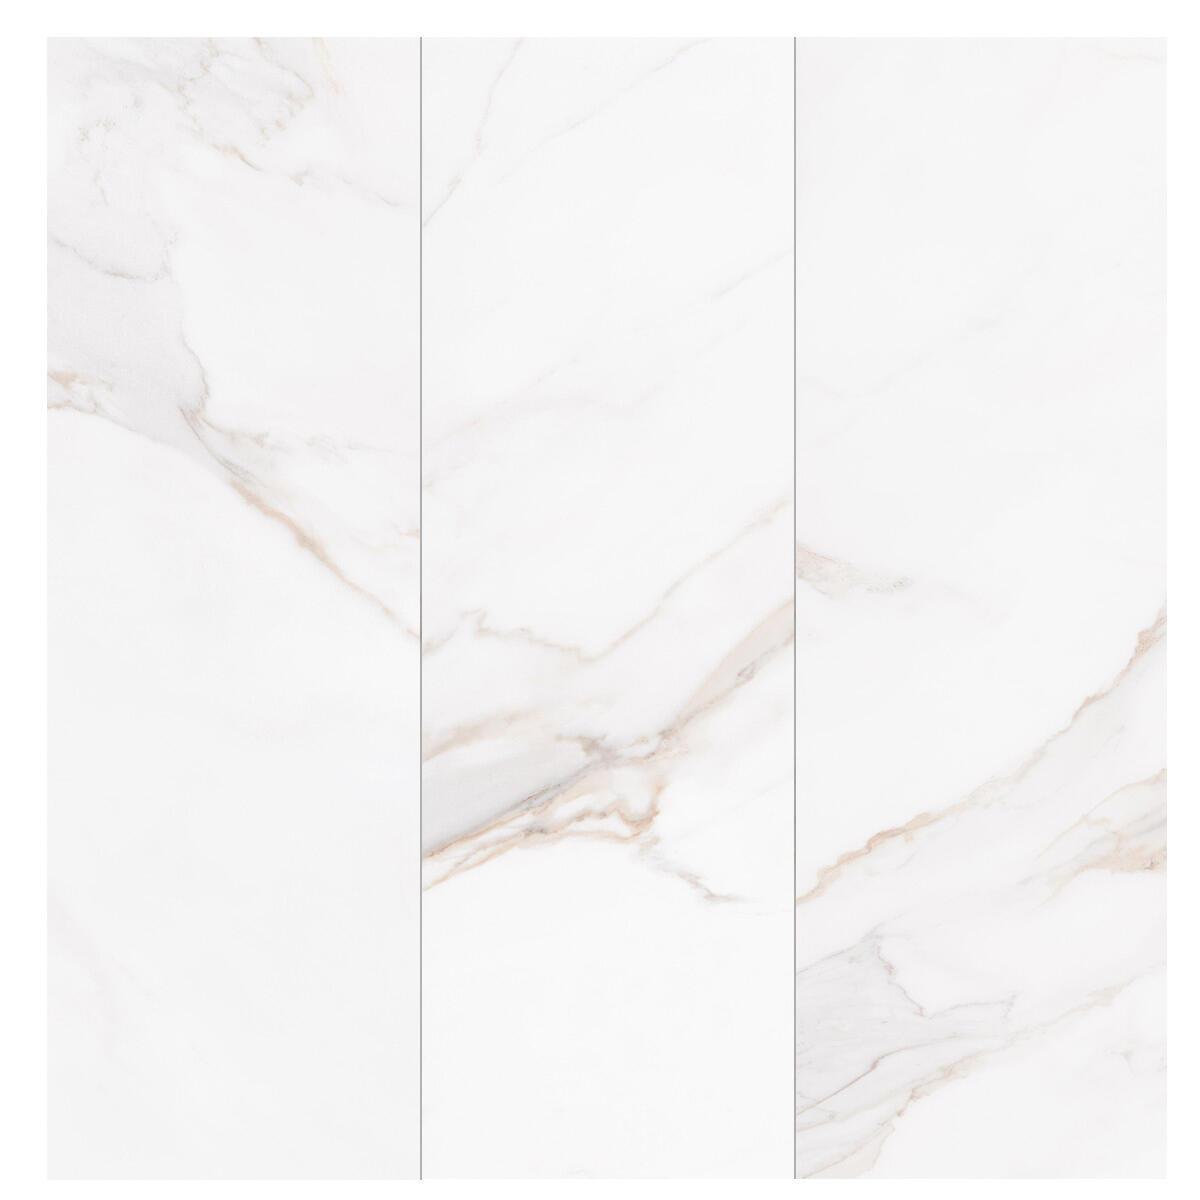 Piastrella per rivestimenti Marmorea Calacata 31.5 x 100 cm sp. 8.7 mm bianco - 2